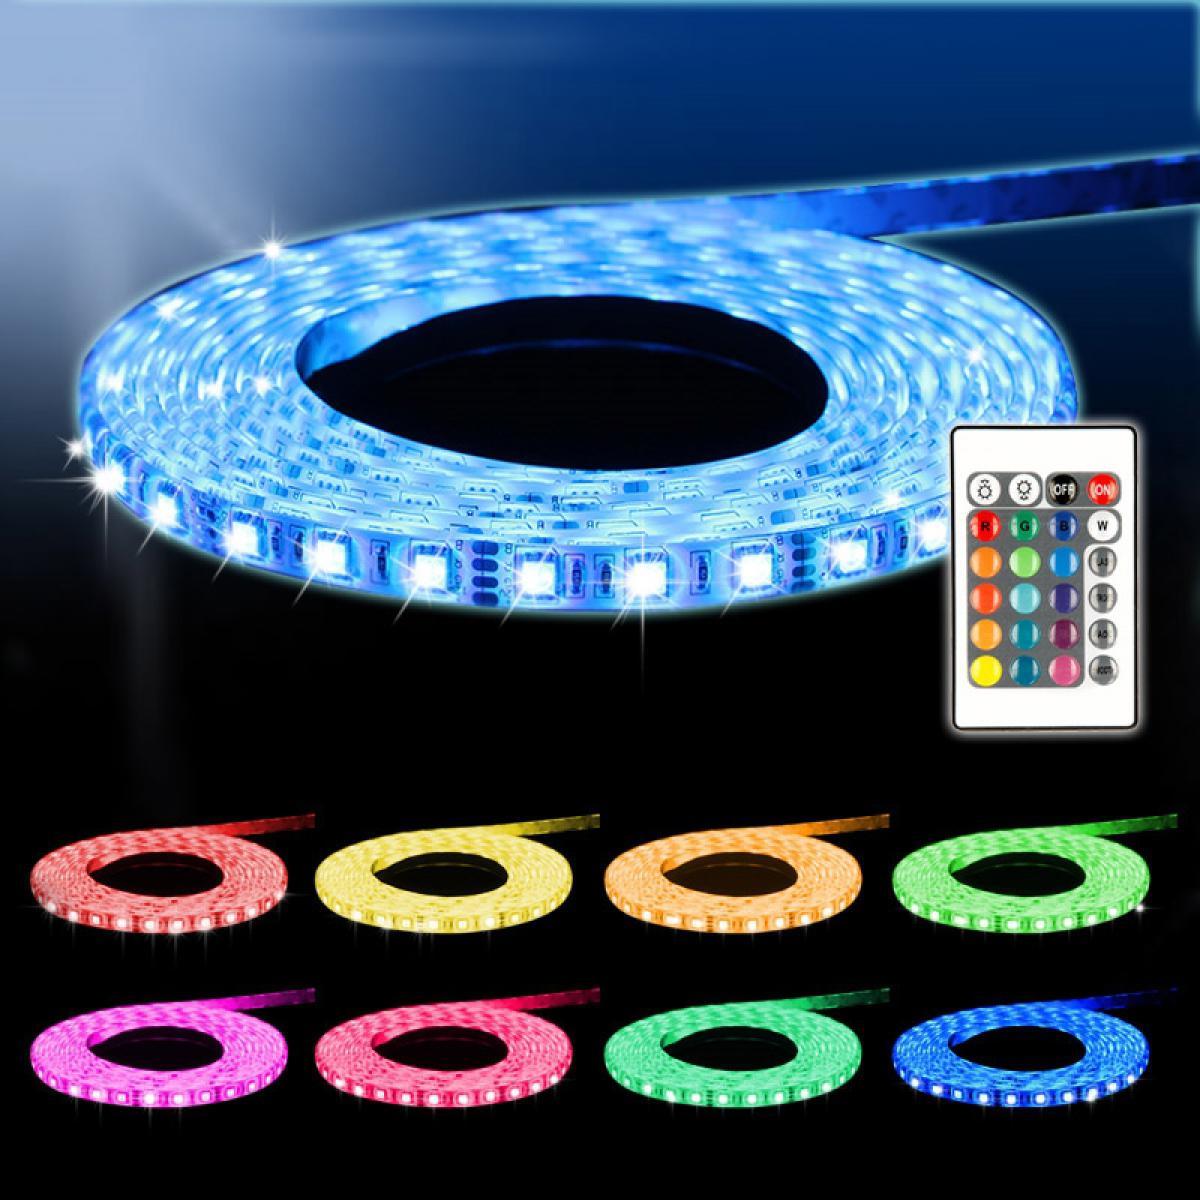 Ecd Germany ECD Germany Set 1x 5m (1x5m) Bande de LED RGB blanc SMD 3528 + 1x Transformateur 2A 60W 12V câble pour prise EU + 1x Té